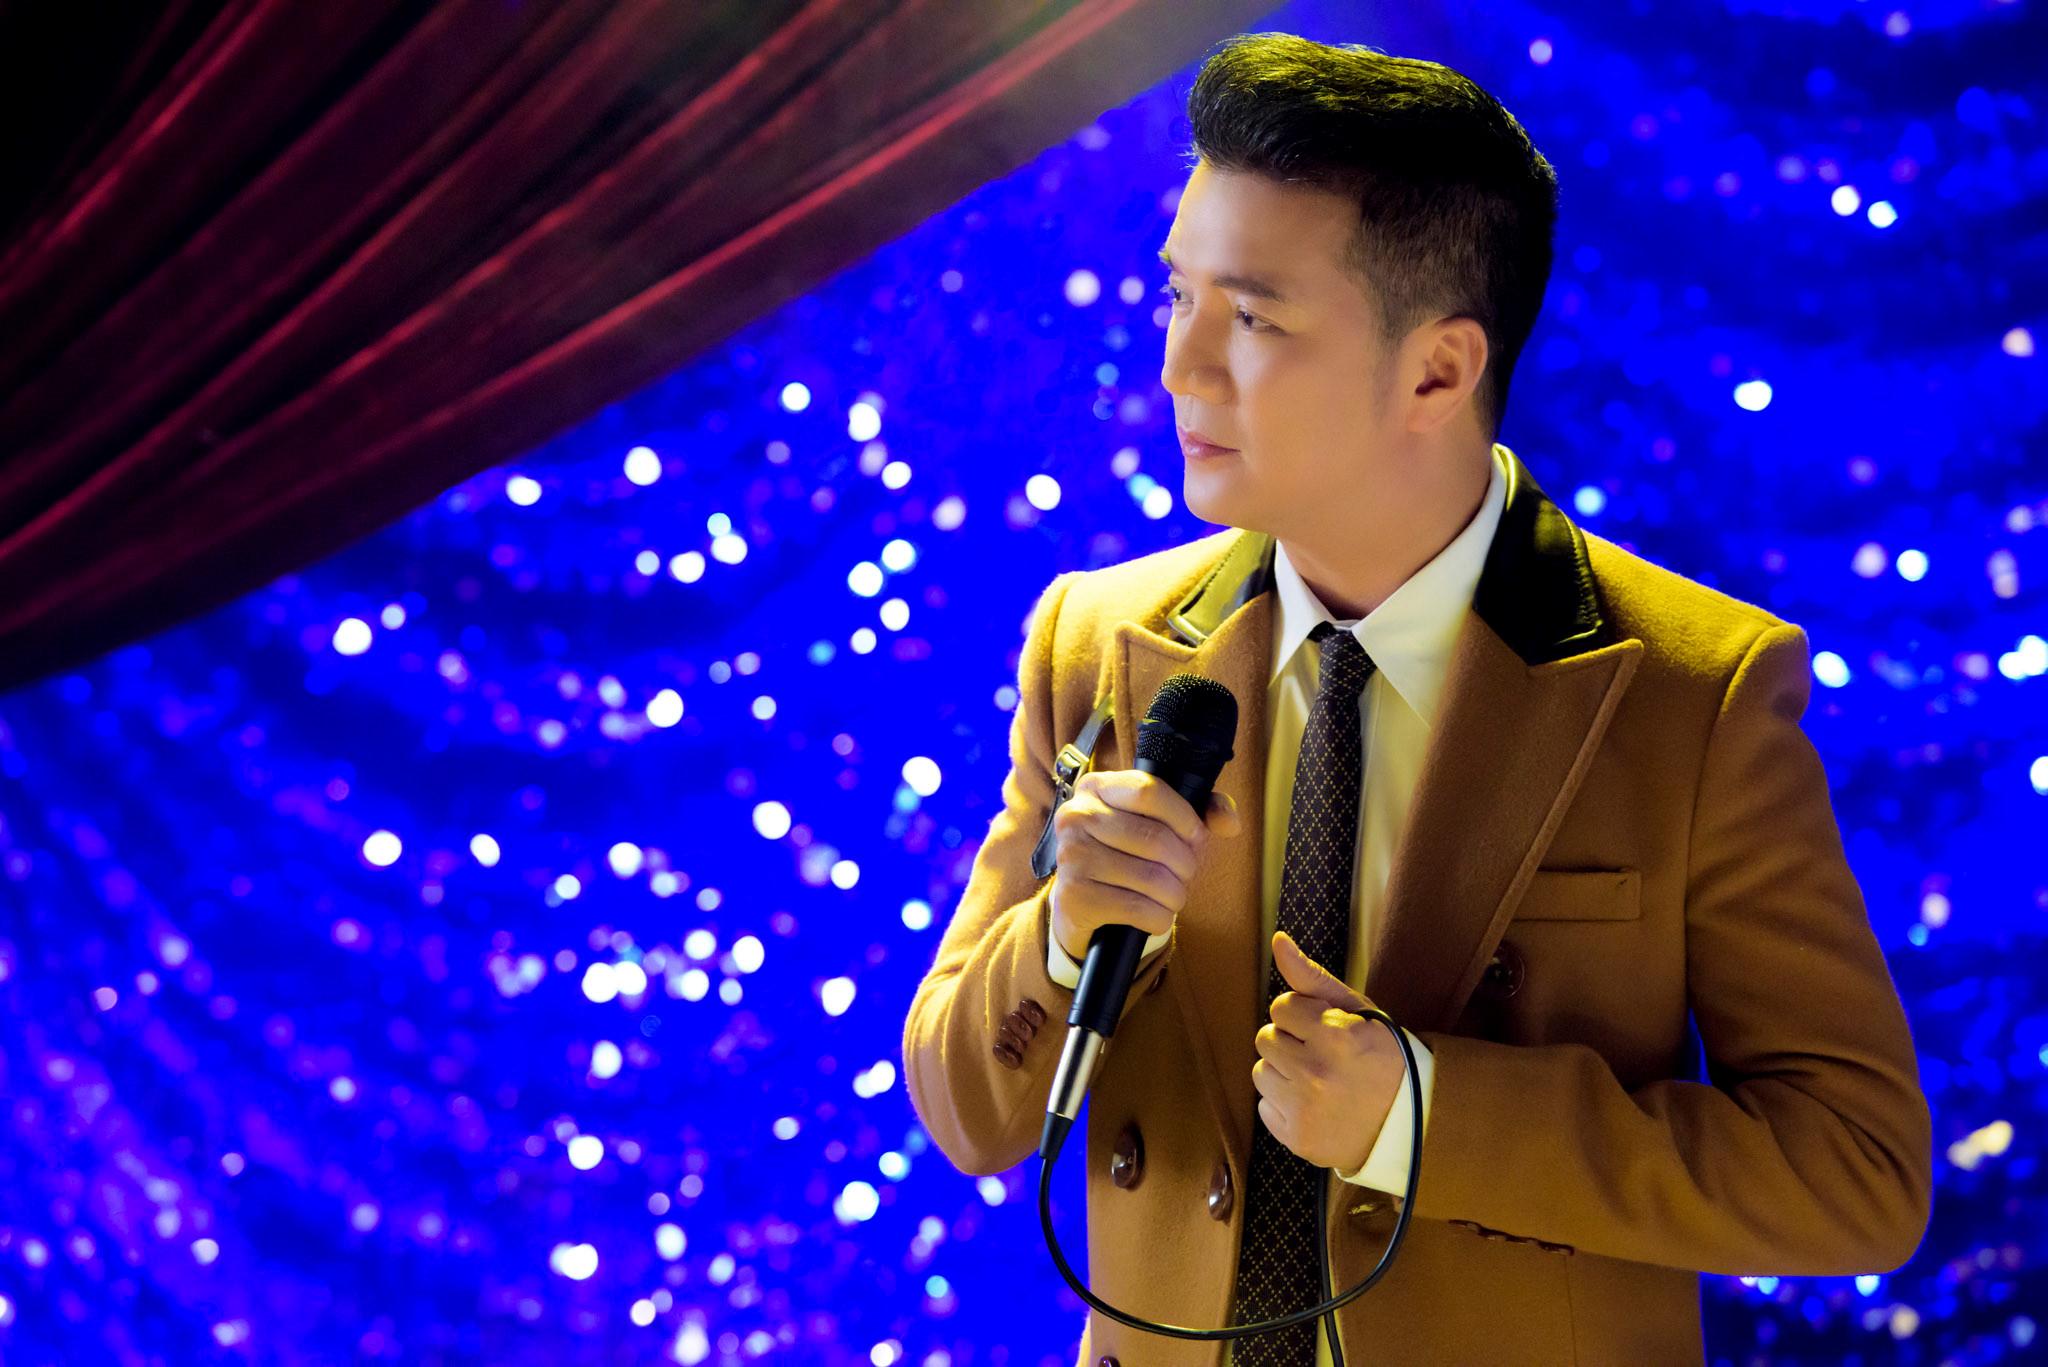 Đàm Vĩnh Hưng trượt giải MTV EMA 2017 trước đối thủ Philippines